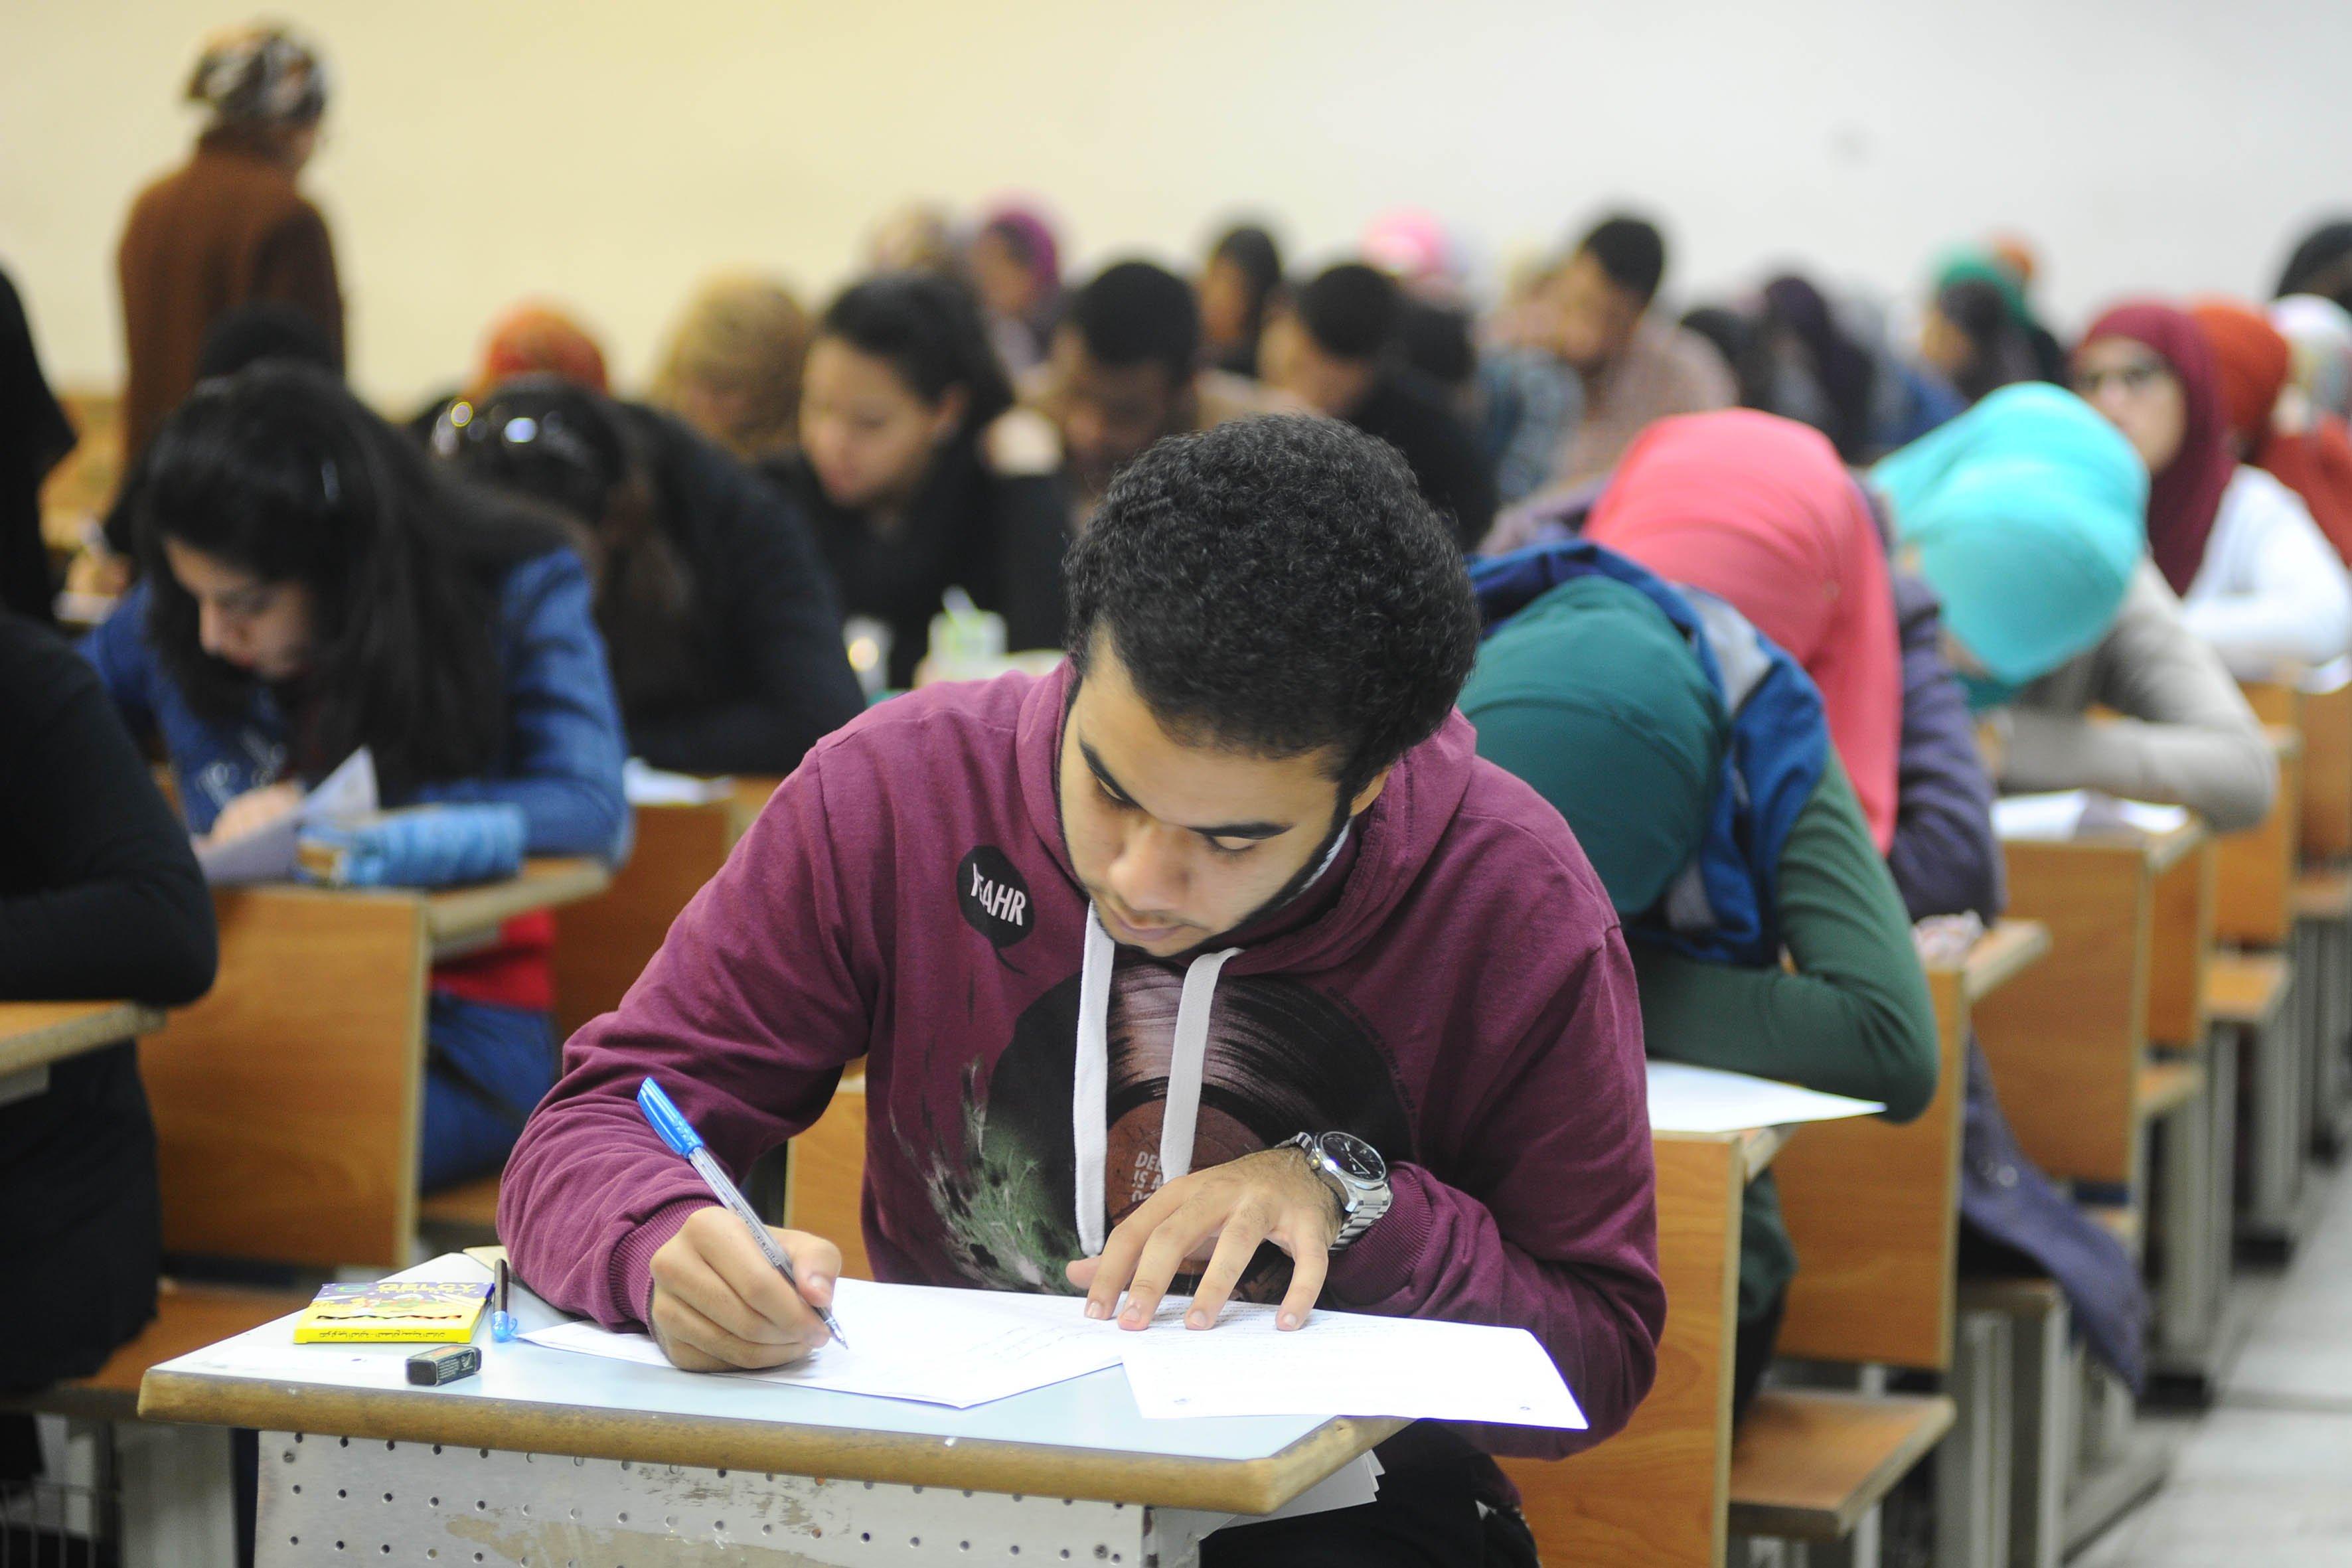 صورة صفحة «شاومينج» تتوعد بتسريب امتحانات الثانوية العامة